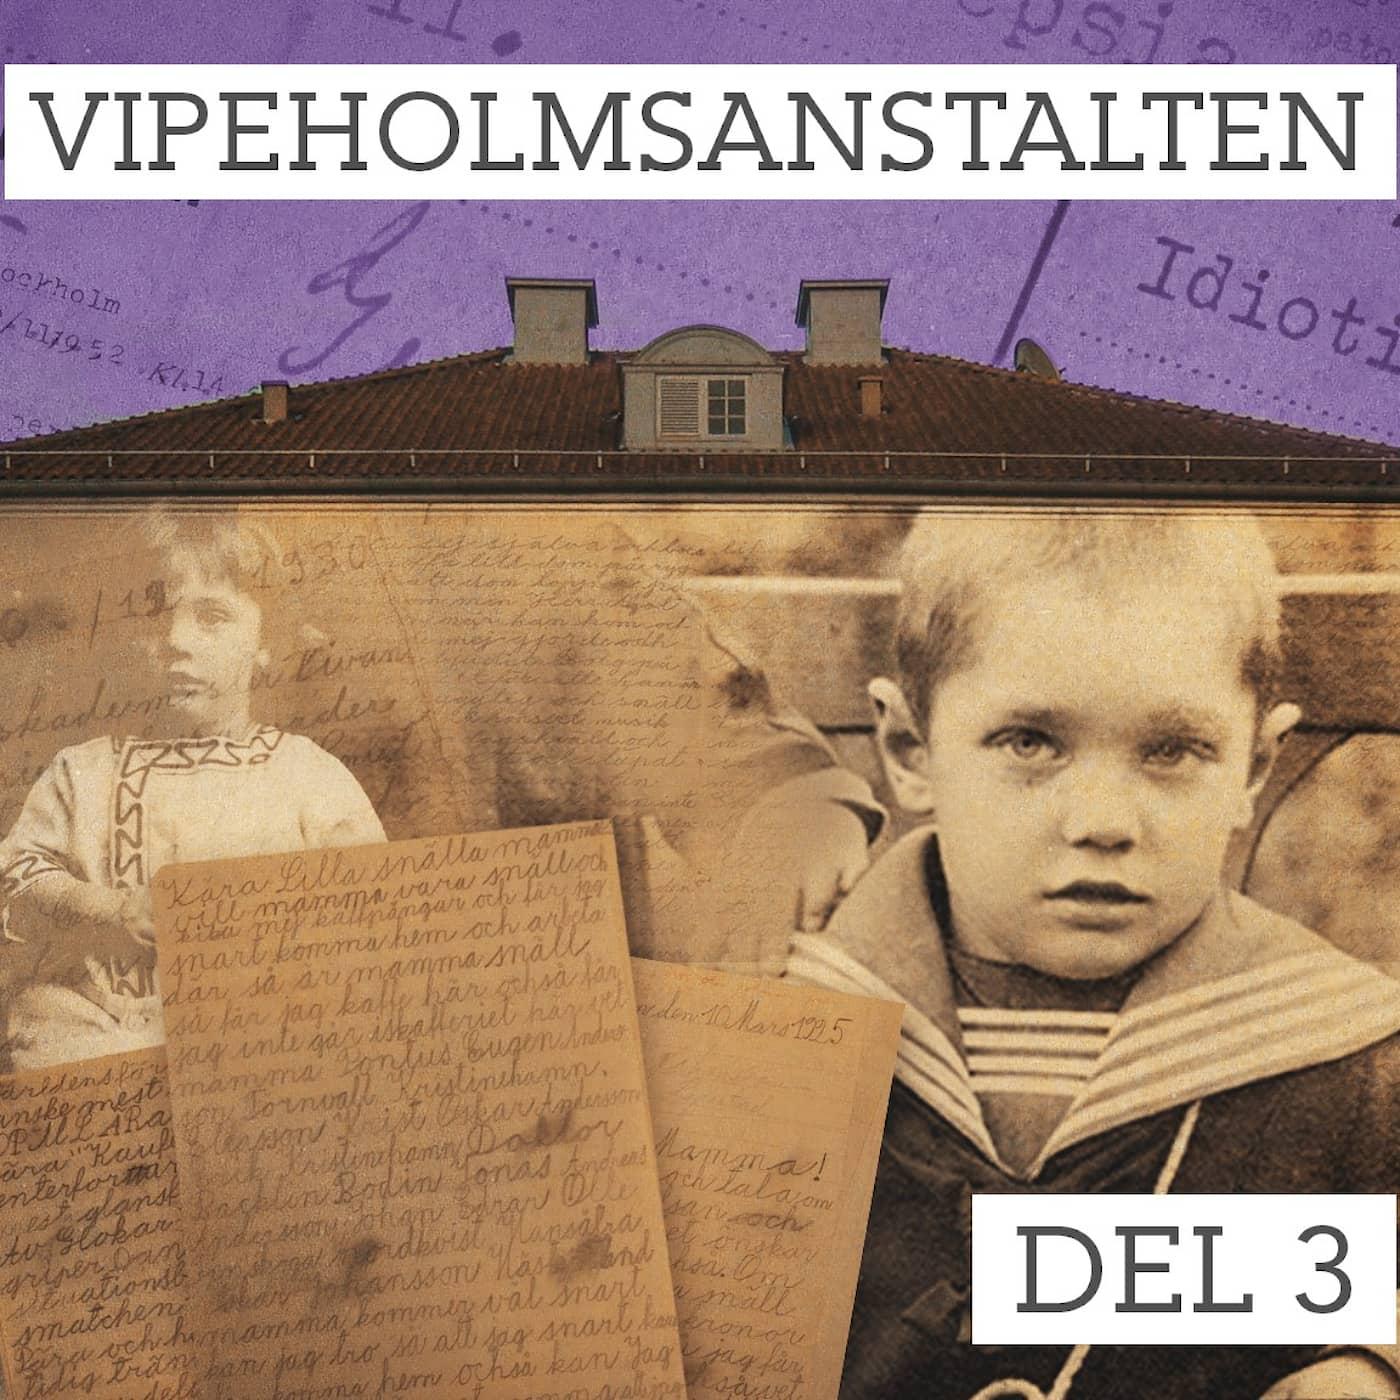 Del 3/5. Vipeholmsanstalten - Svårskött, obildbar och sinnesslö